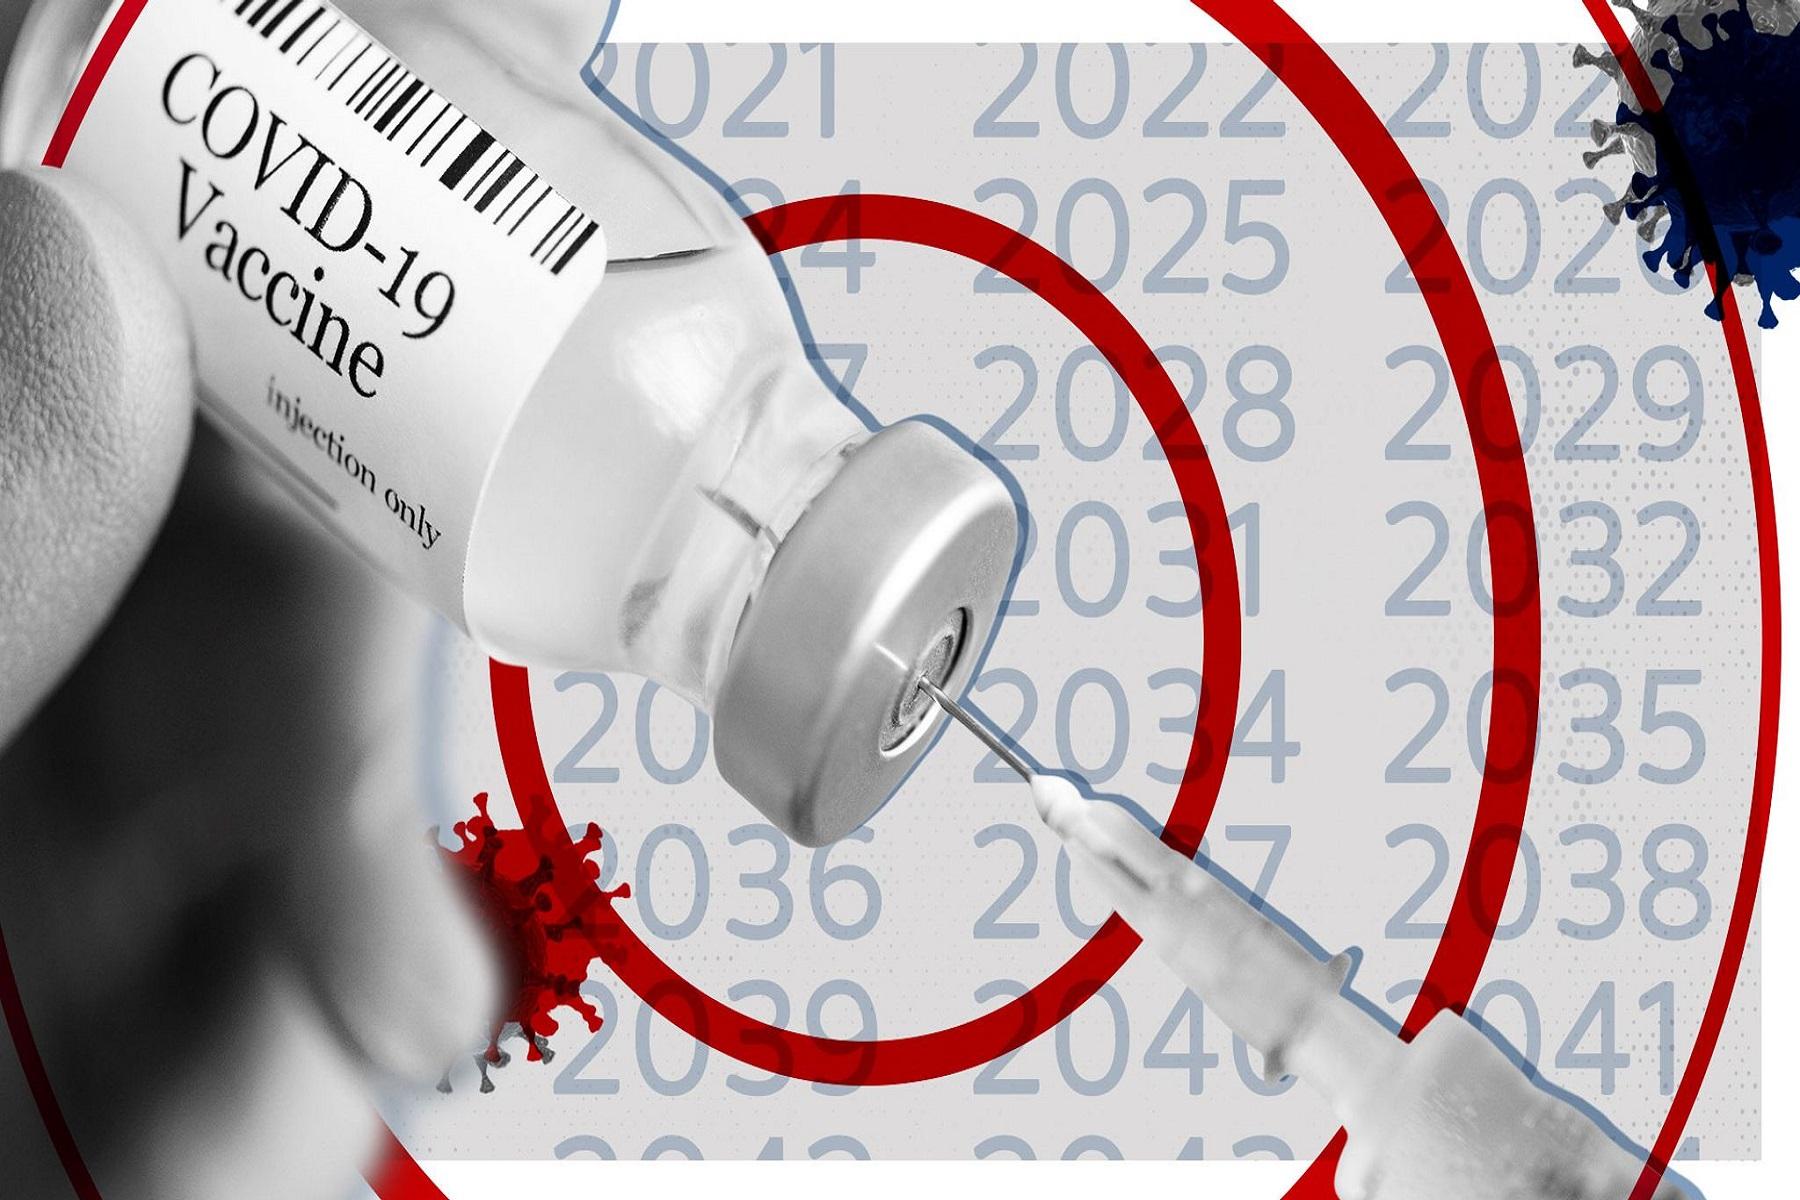 Επιστήμη Μελέτες: Η προστασία από τα εμβόλια μπορεί να μειώσει την ανάγκη για ετήσια ενισχυτικά